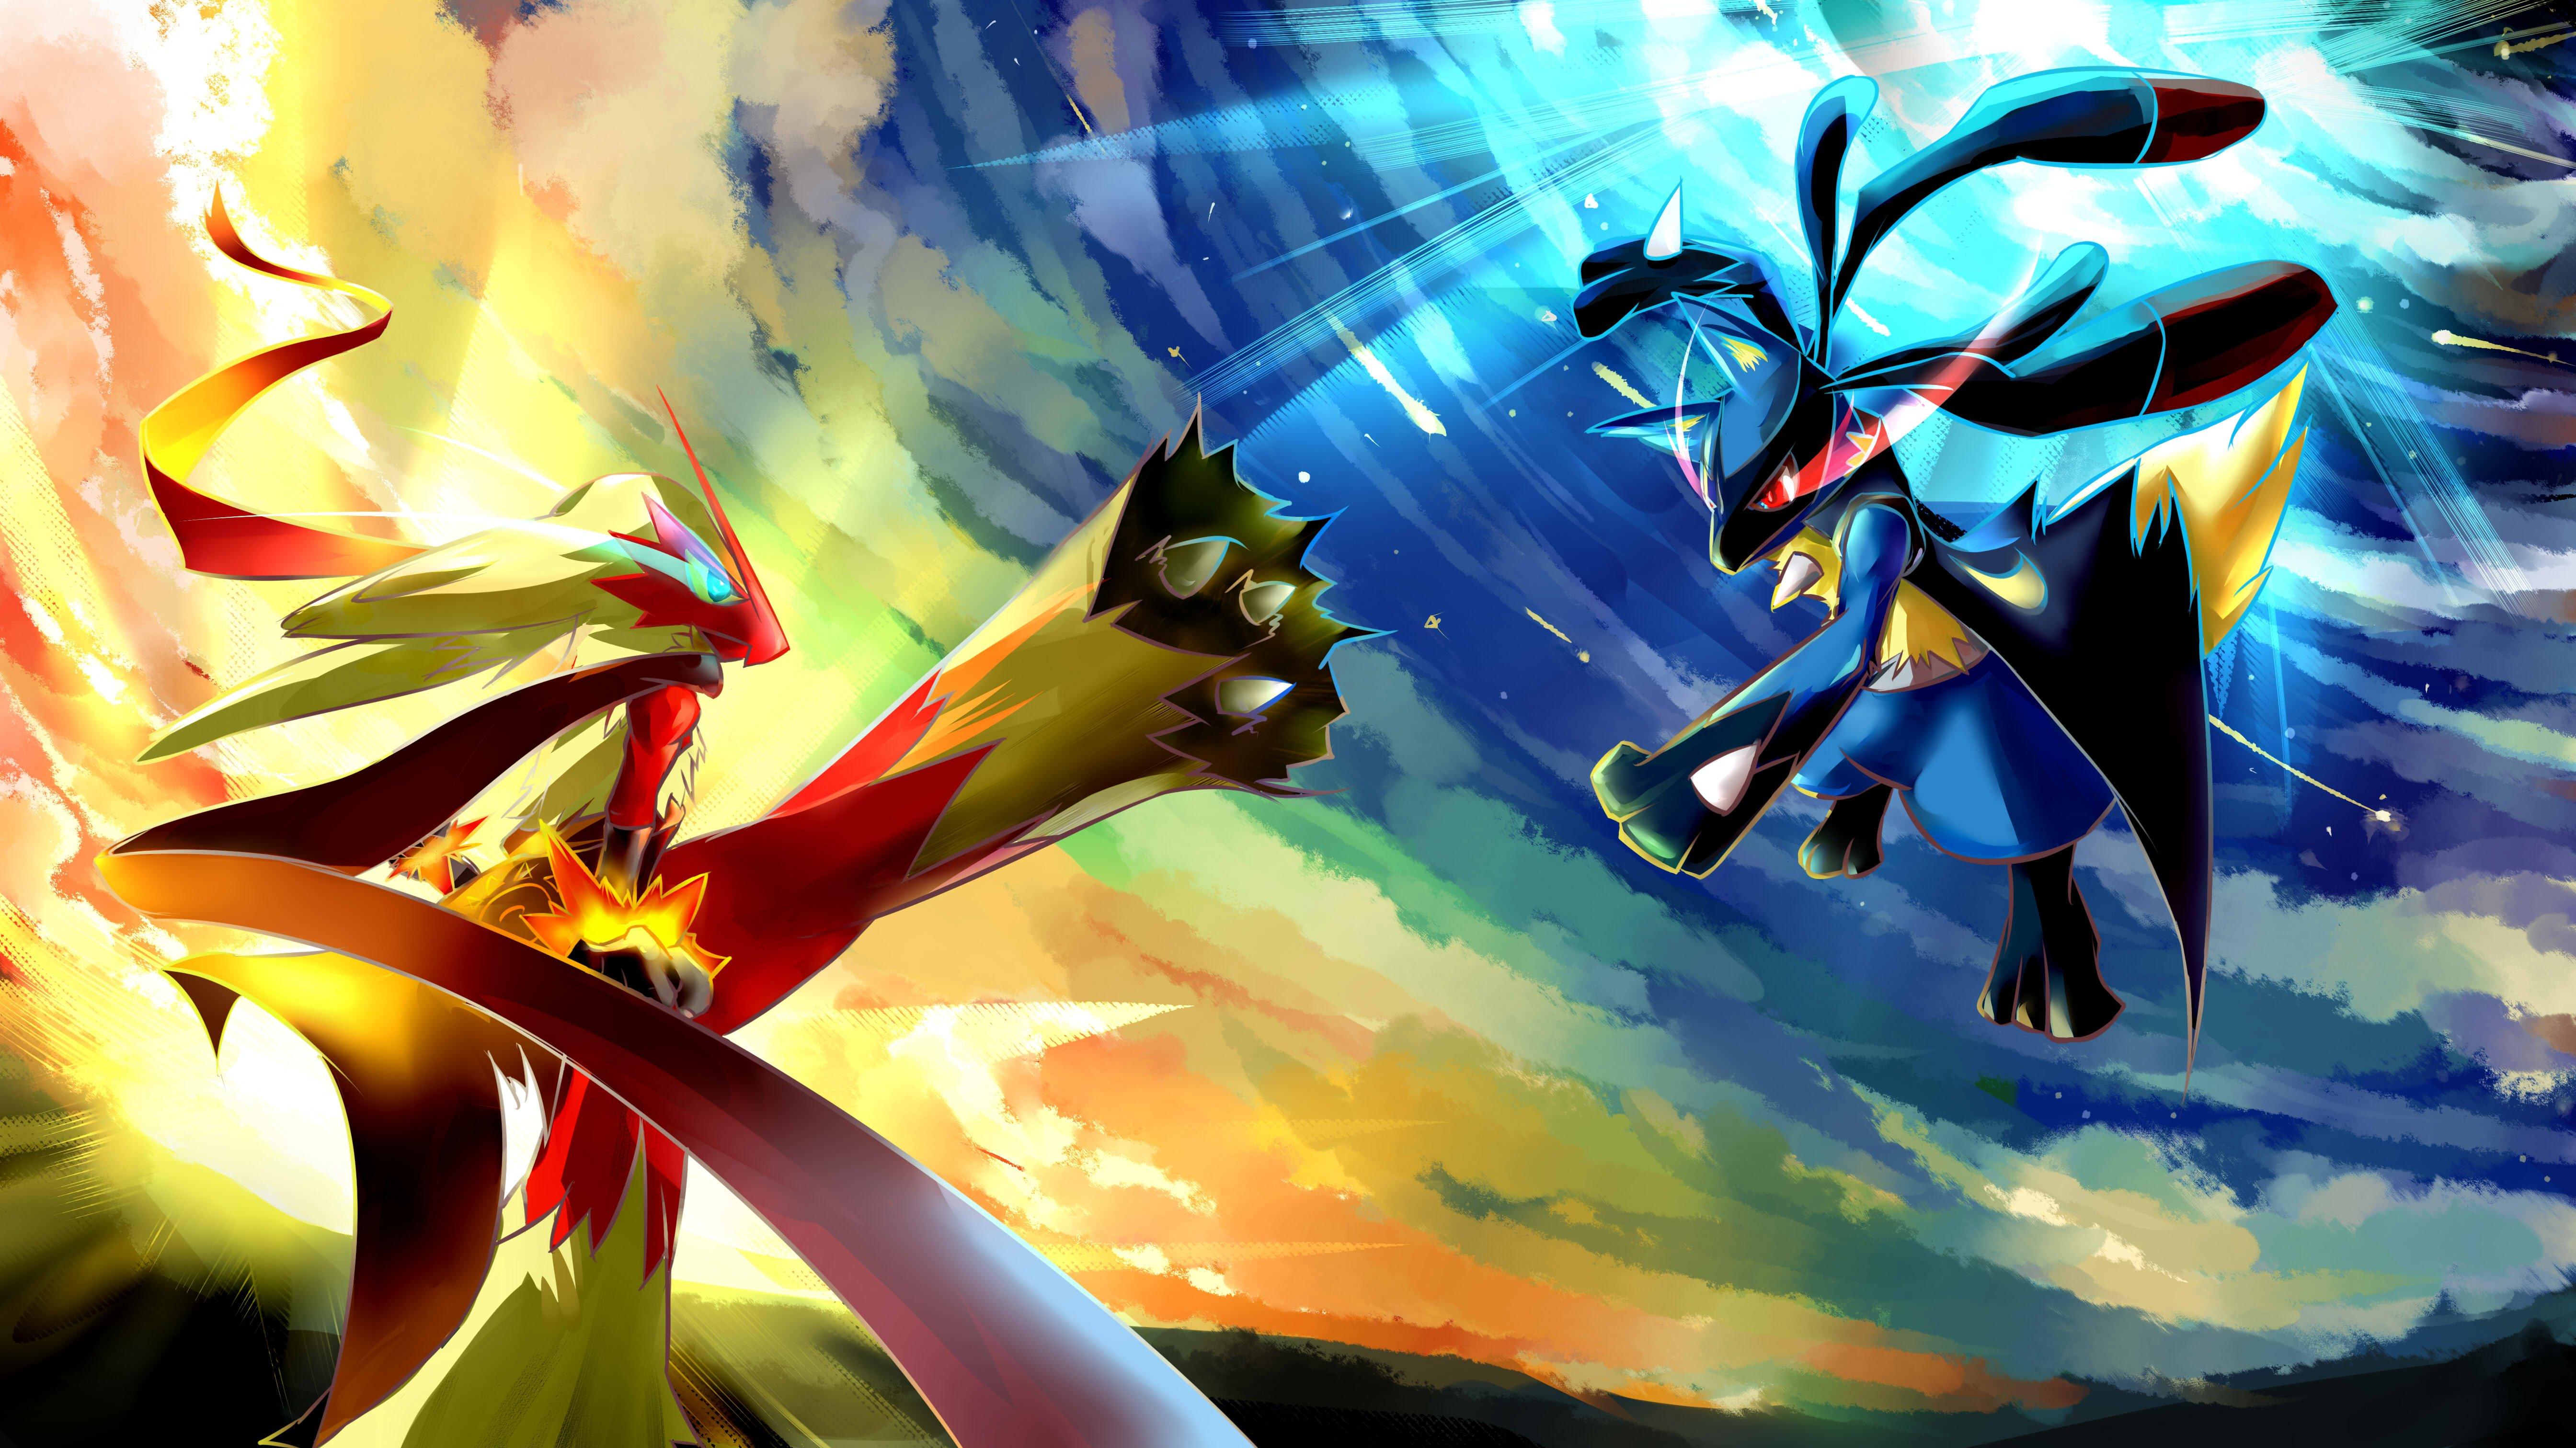 Lucario Vs Blaziken Pokémon Anime Fondo De Pantalla Id3076